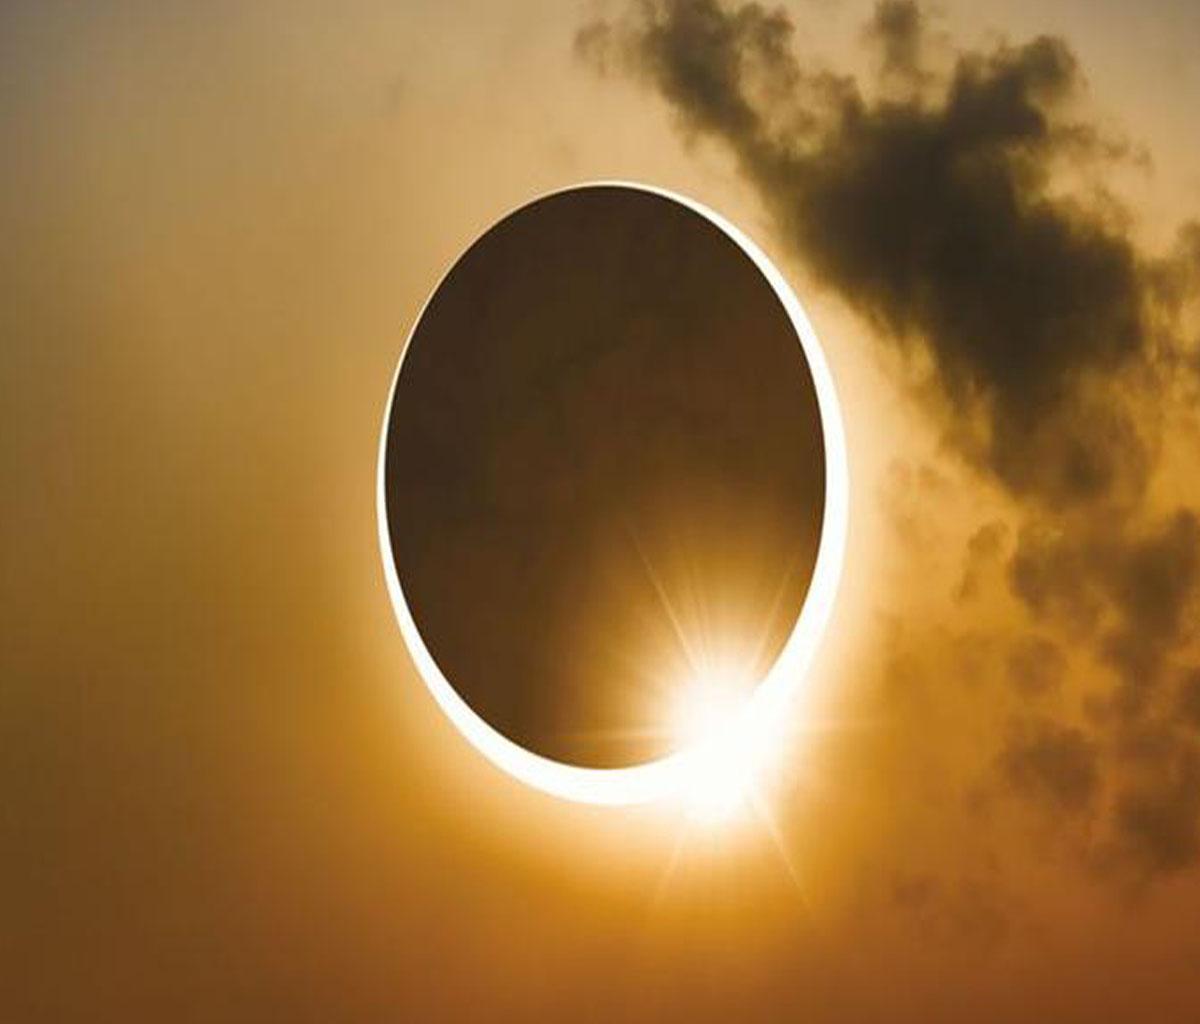 تفسير رؤية كسوف الشمس في المنام للمرأة المتزوجة